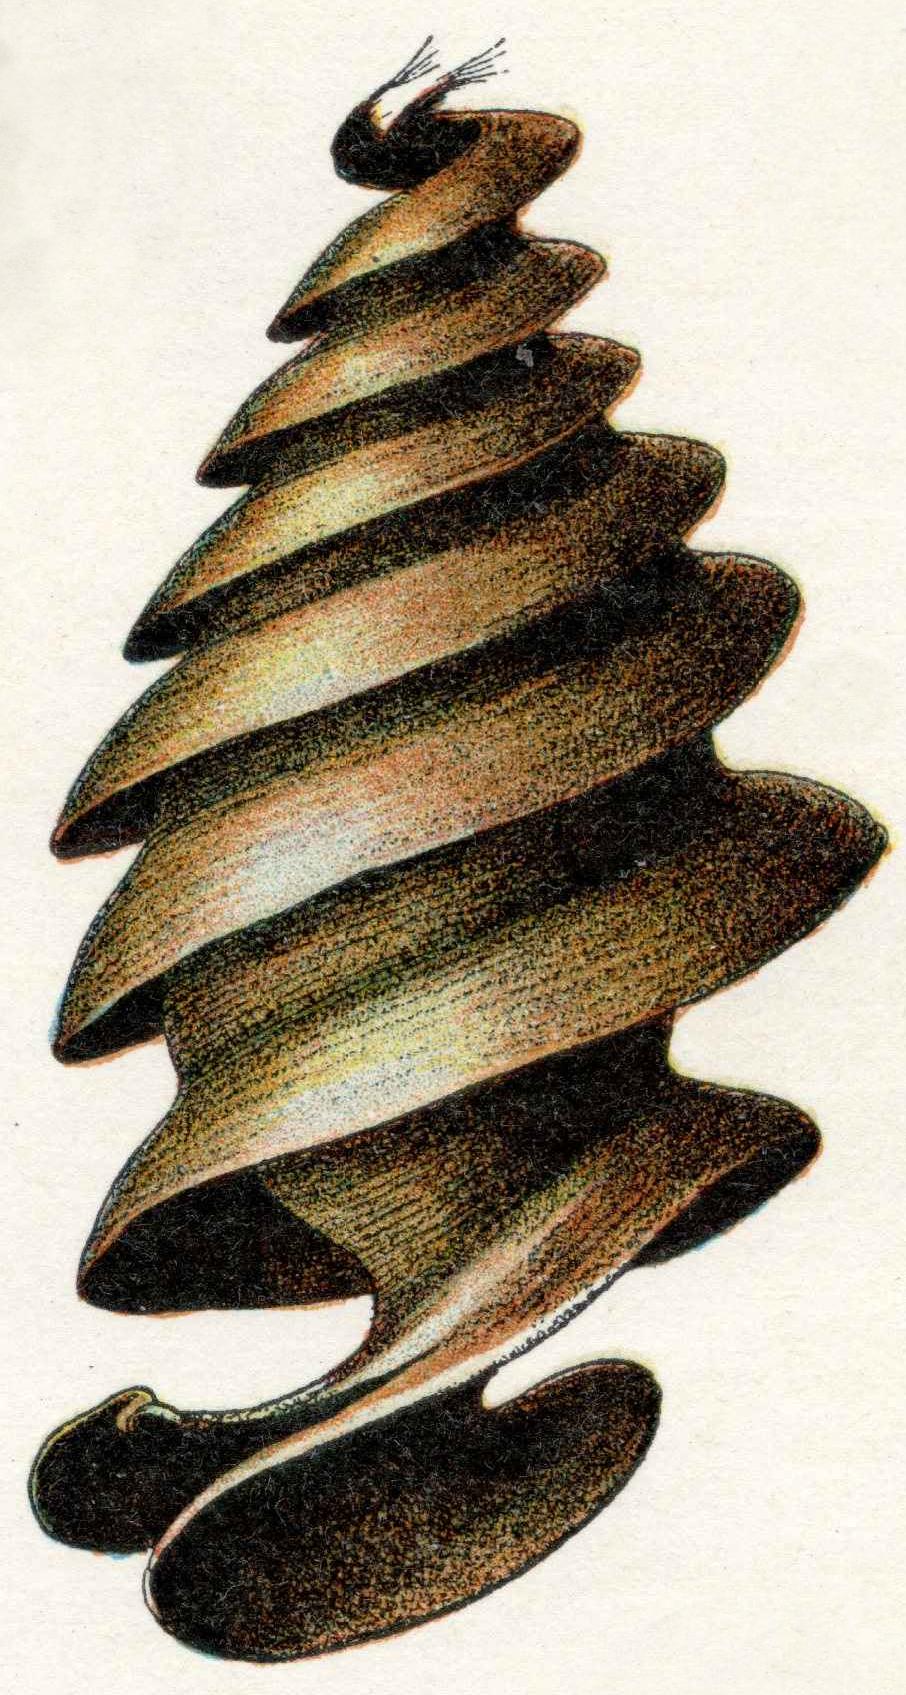 Oeufs002b,55